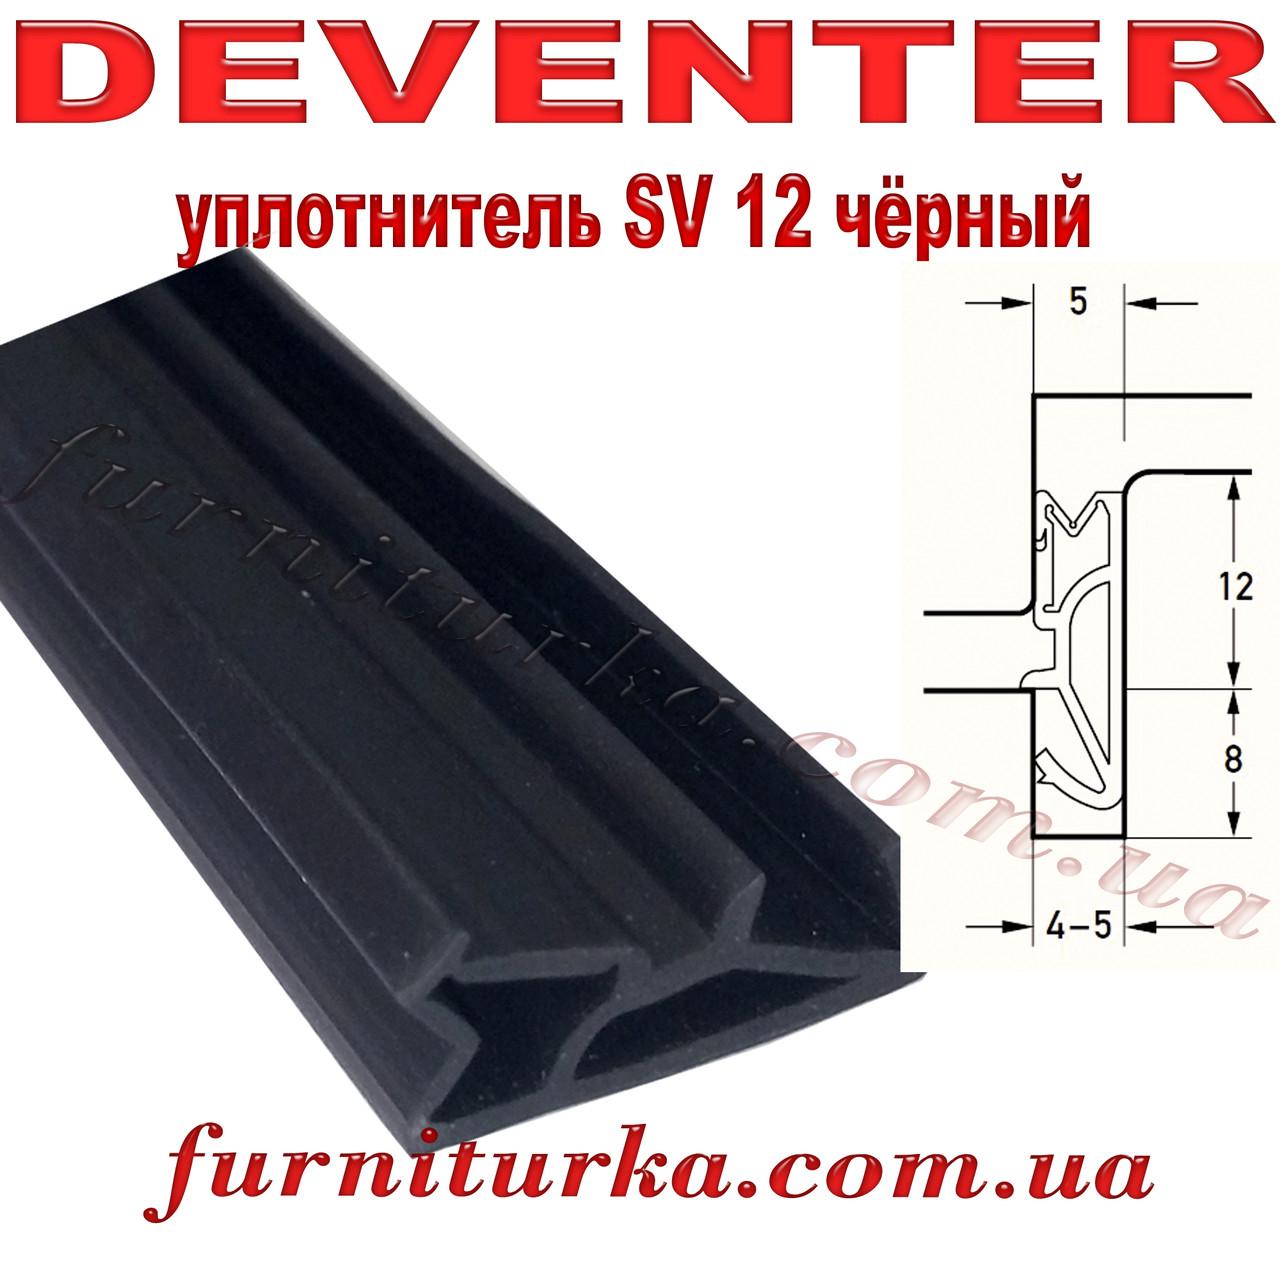 Уплотнитель оконный Deventer SV 12 чёрный